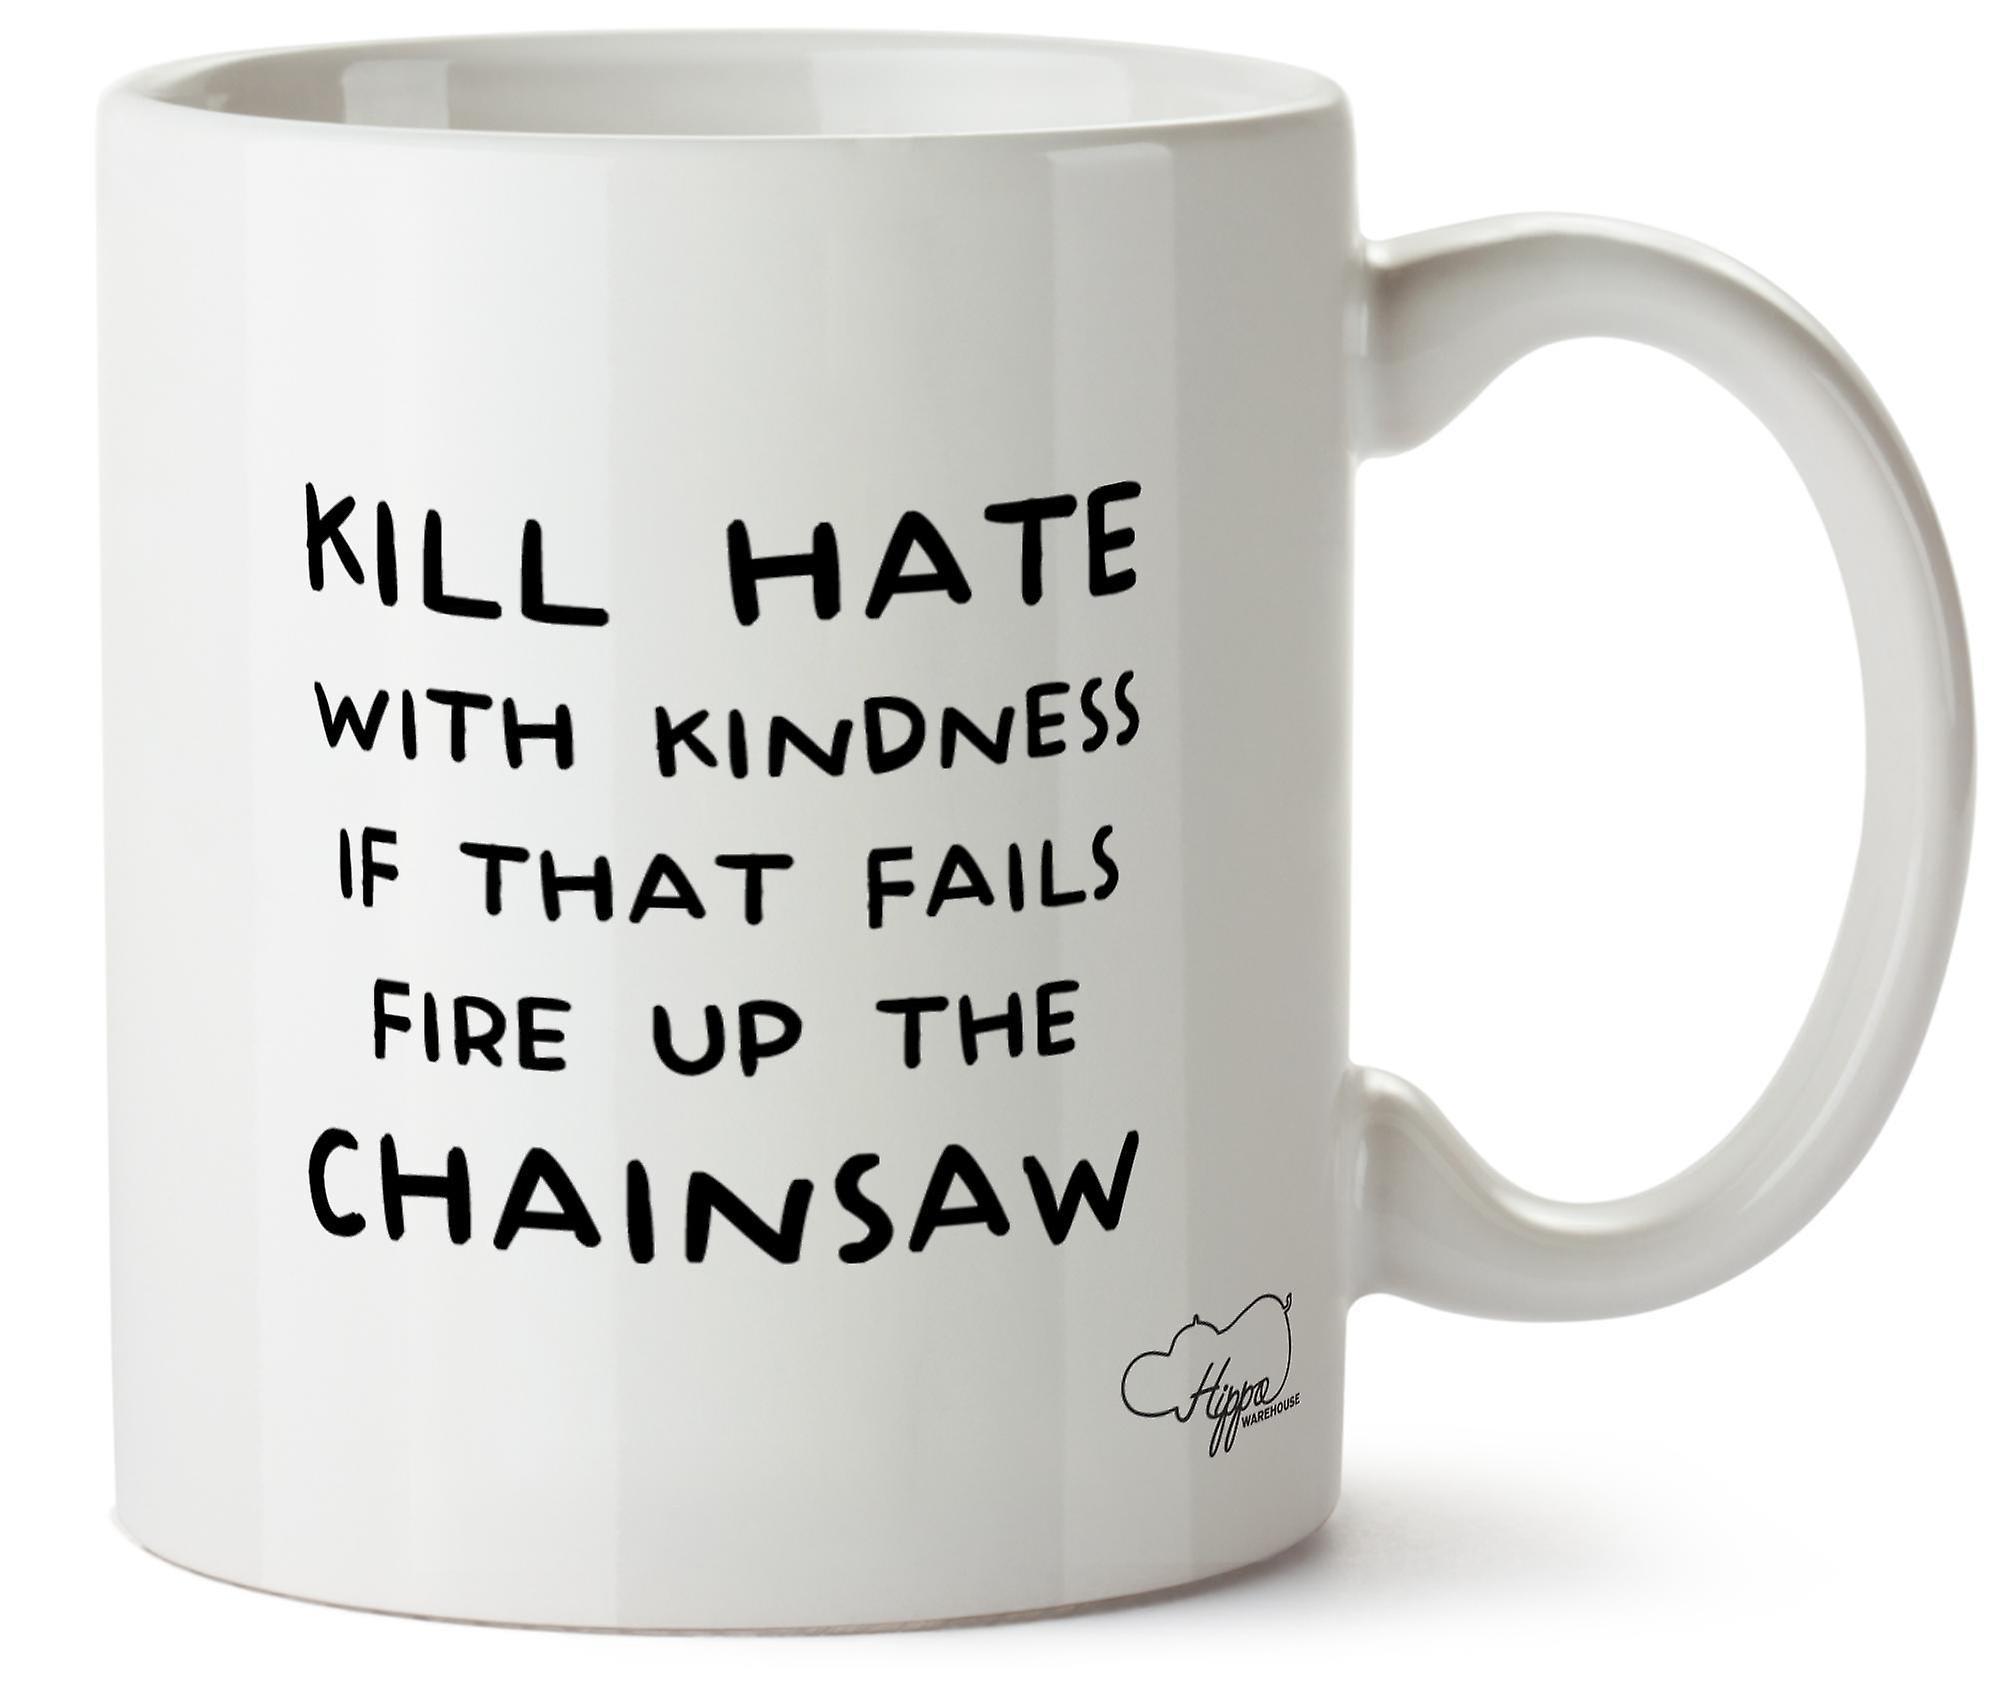 Hippowarehouse убить ненависти с добротой, если это не удается огонь вверх бензопилой 10oz кружка Кубок